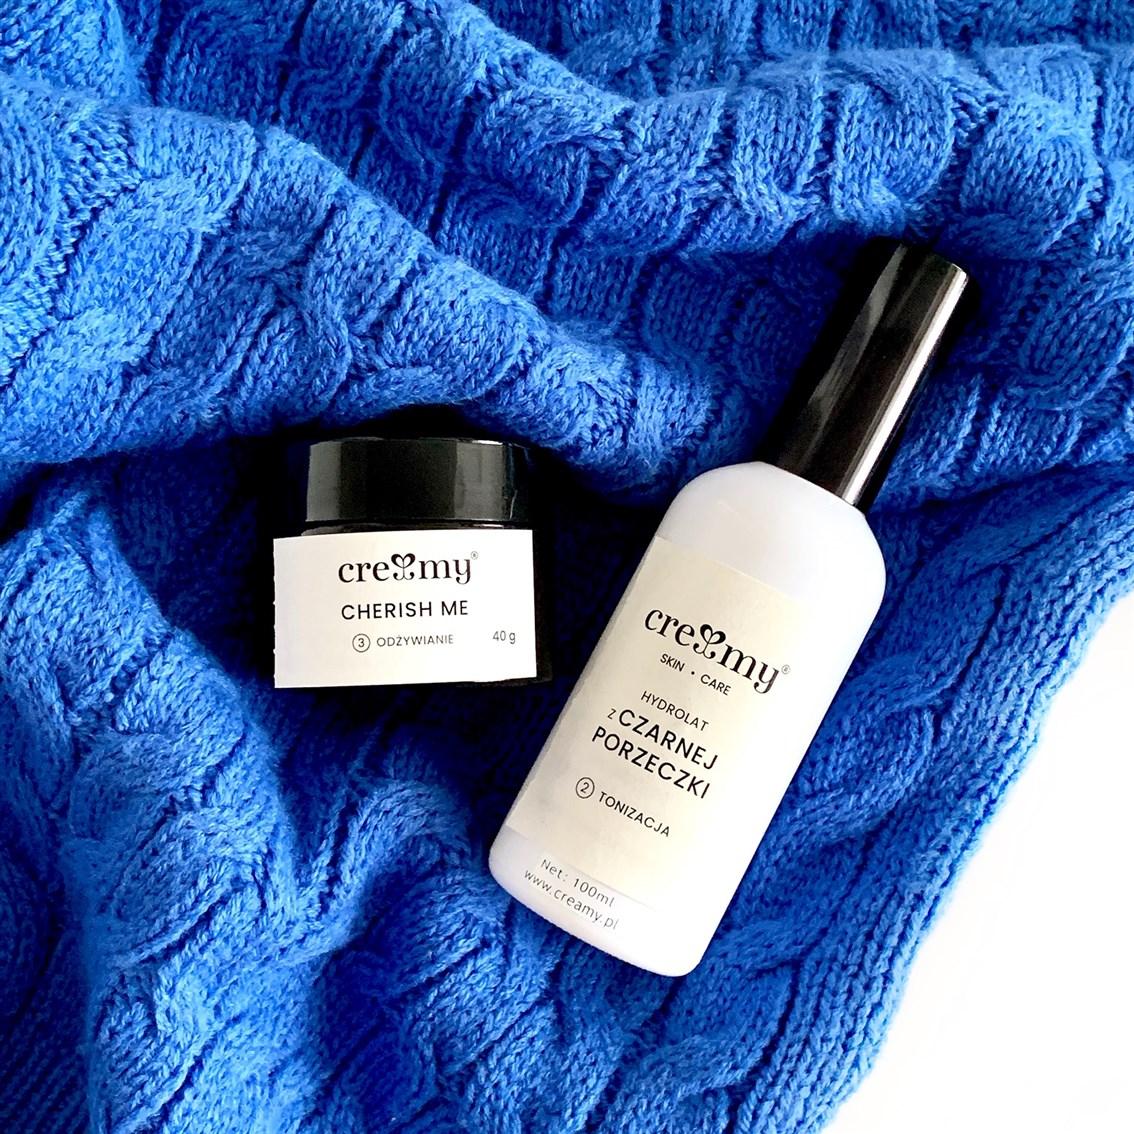 Creamy kosmetyki blog